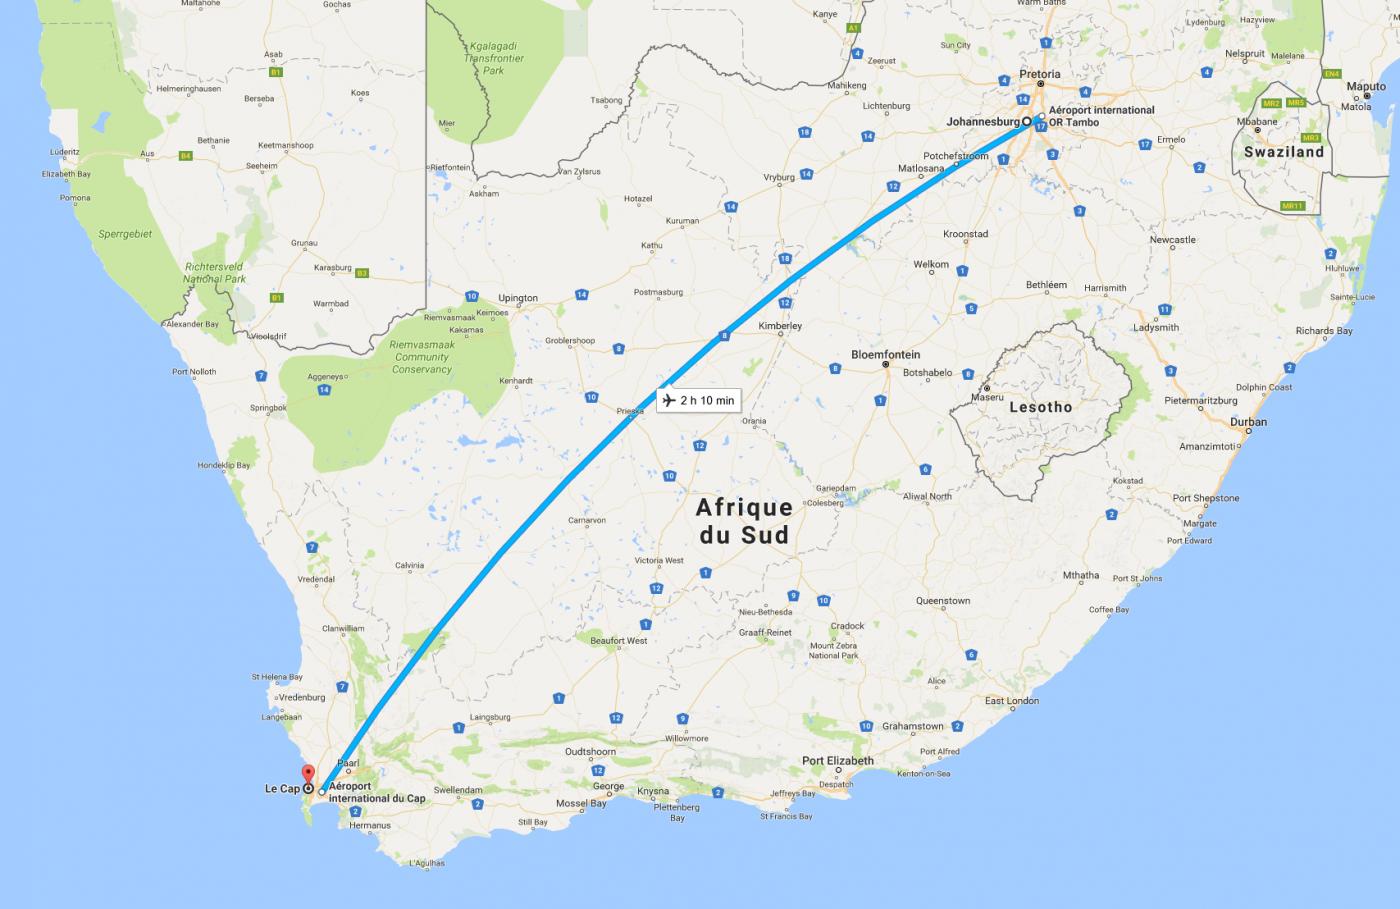 Johannesburg - Le Cap